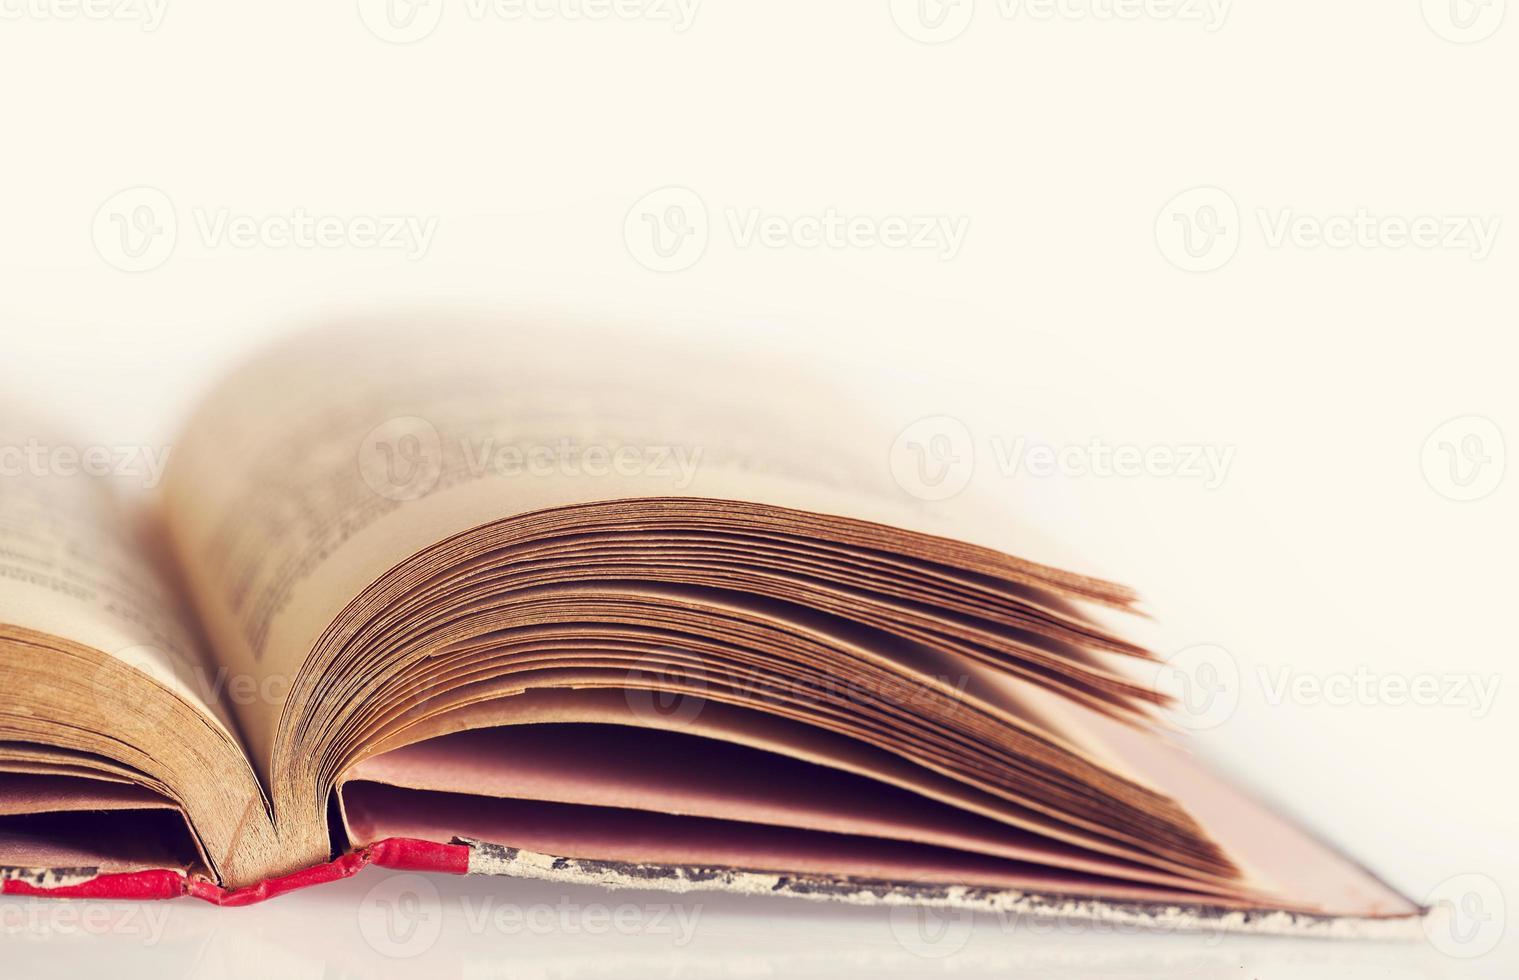 vieux livre cartonné photo